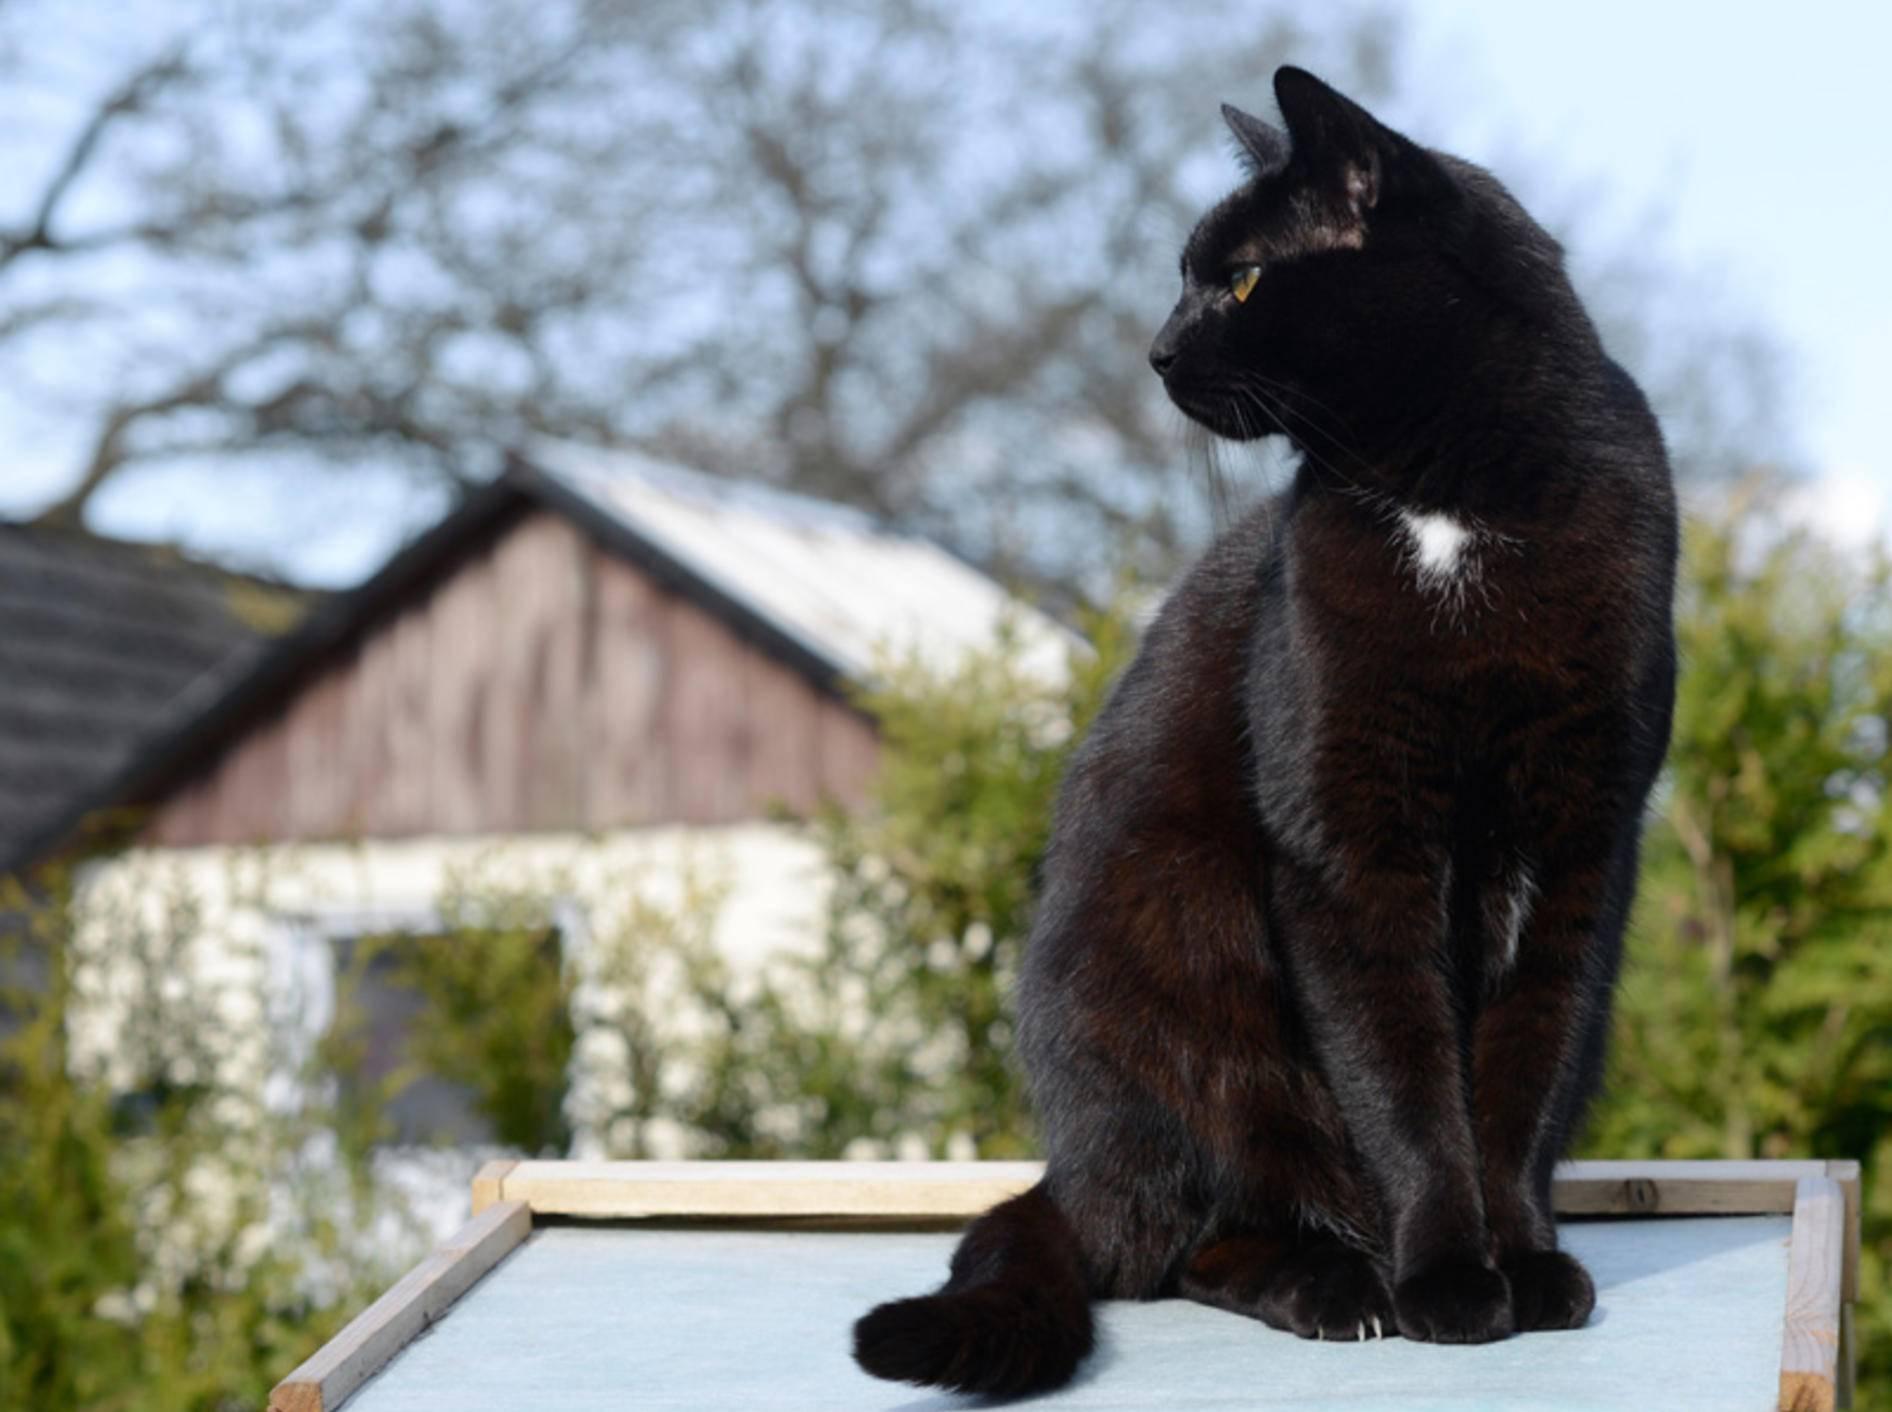 Freiraum ist bei der Pflege und Haltung einer Hauskatze sehr wichtig – Bild: Shutterstock / Schubbel